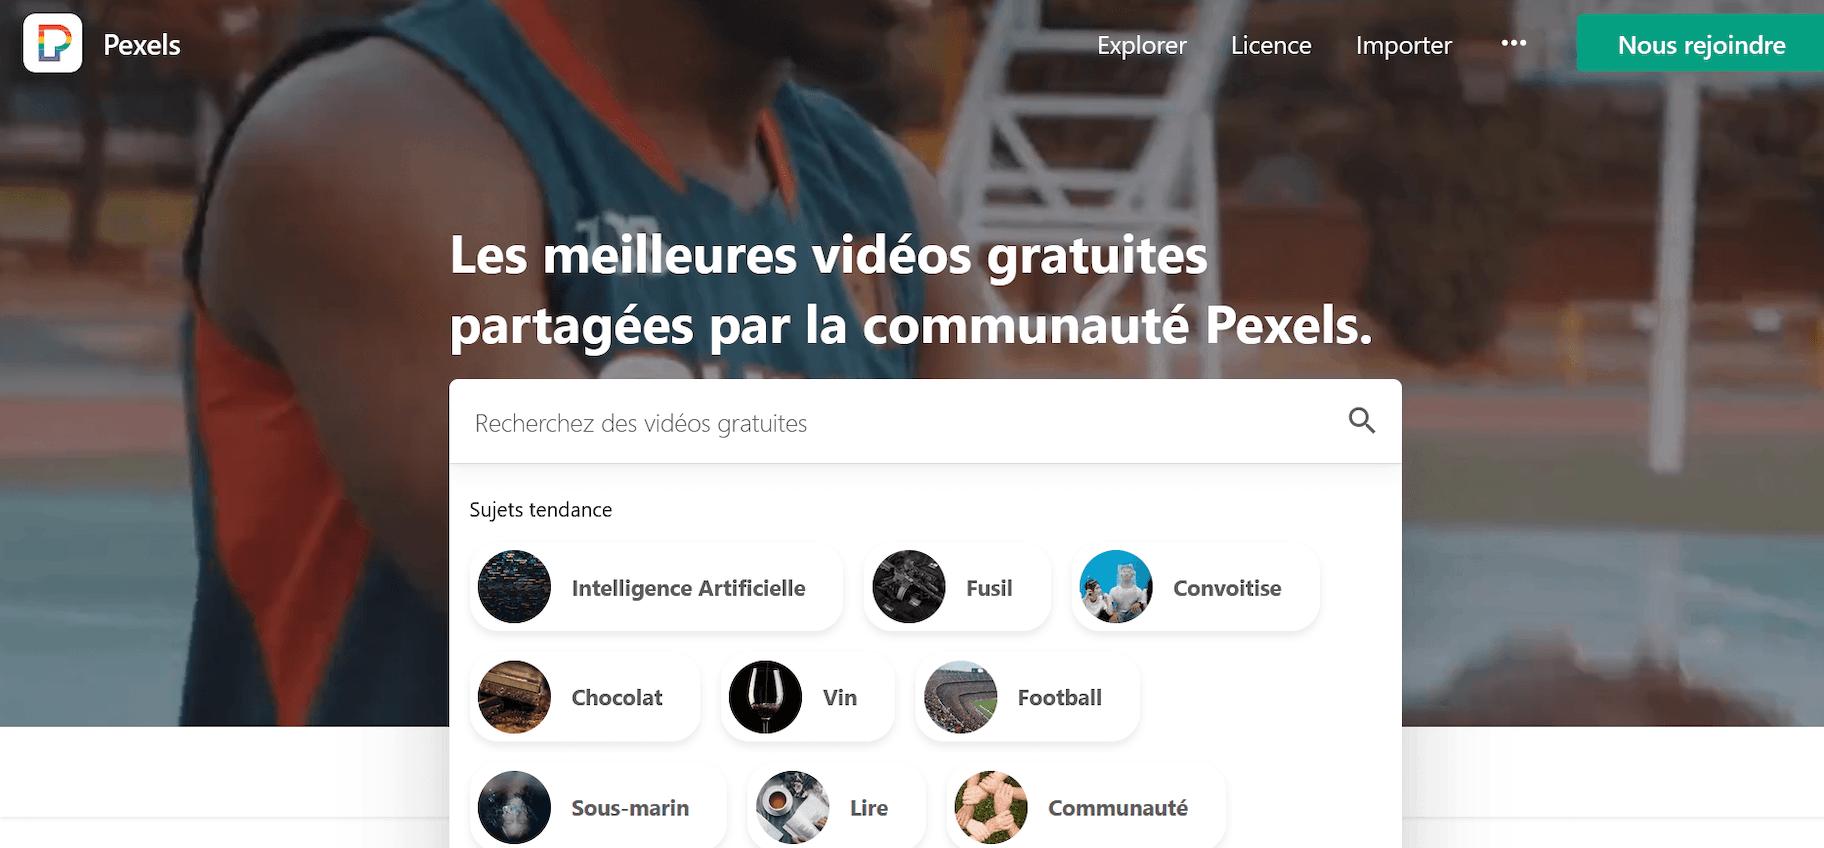 site de vidéo gratuite libre de droit Pexels